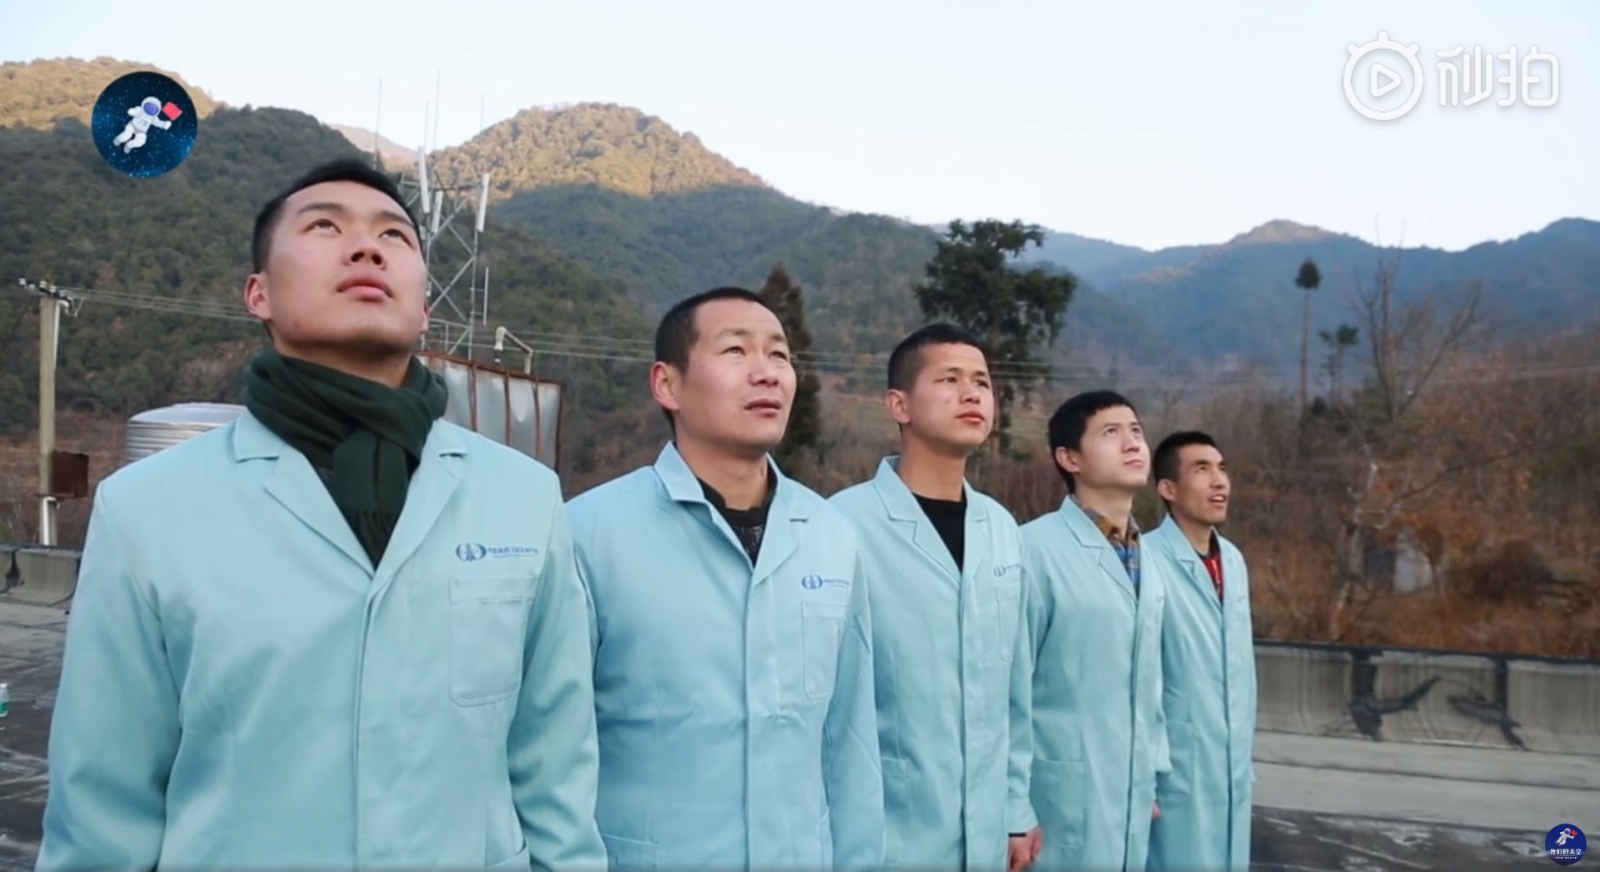 Суровая рабочая реальность — Китайский космодром Сичан (Xichang Satellite Launch Center — XSLC) - 82